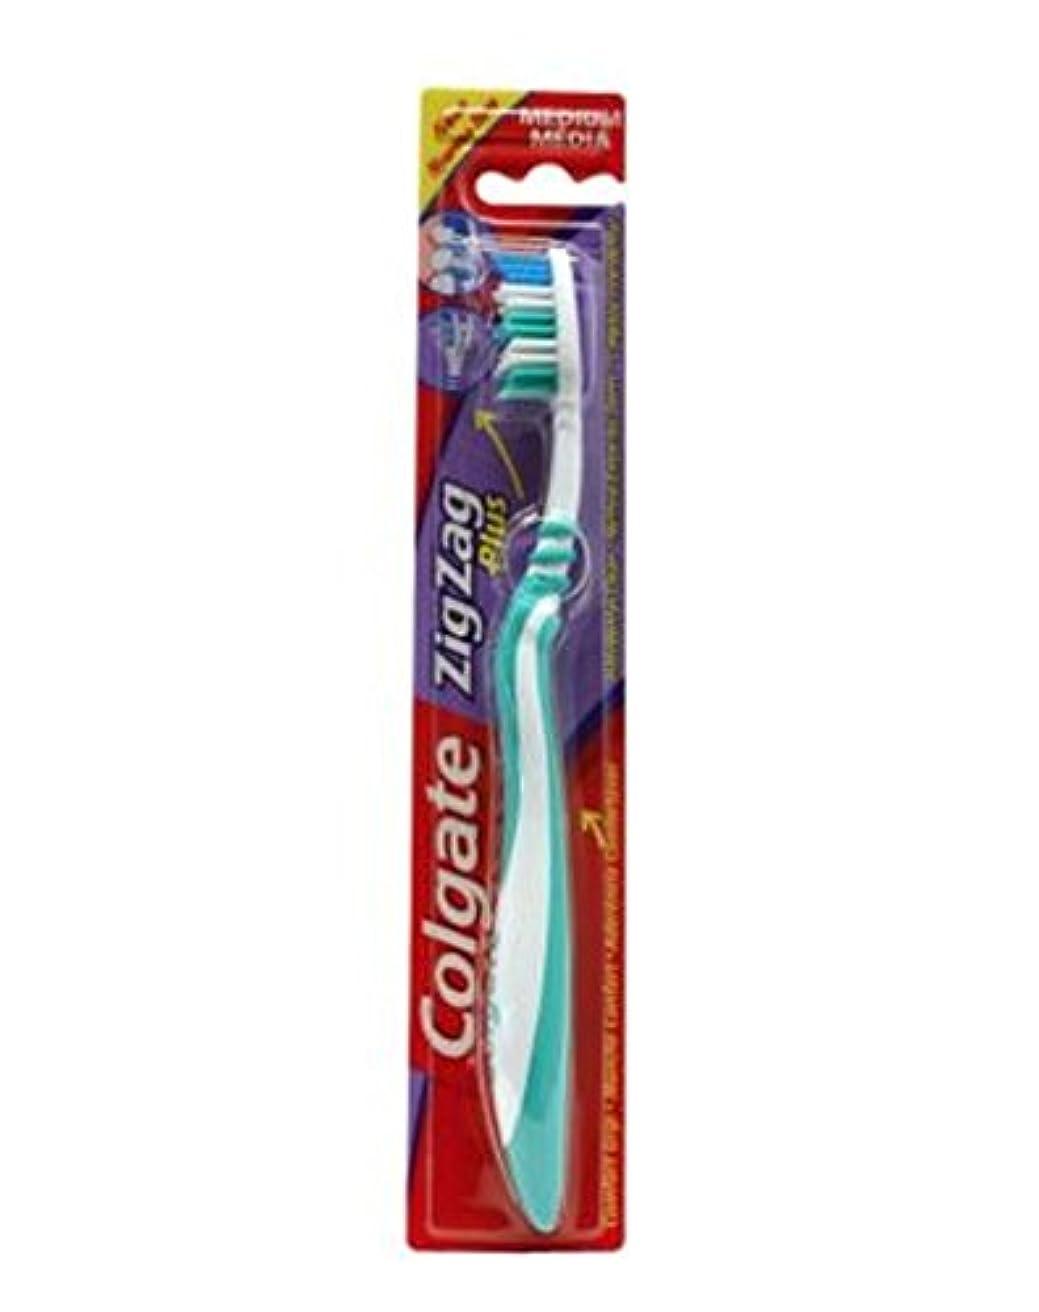 年齢気分が悪いヒールColgate Zig Zag Plus Toothbrush Medium - コルゲートジグザグプラス歯ブラシ媒体 (Colgate) [並行輸入品]